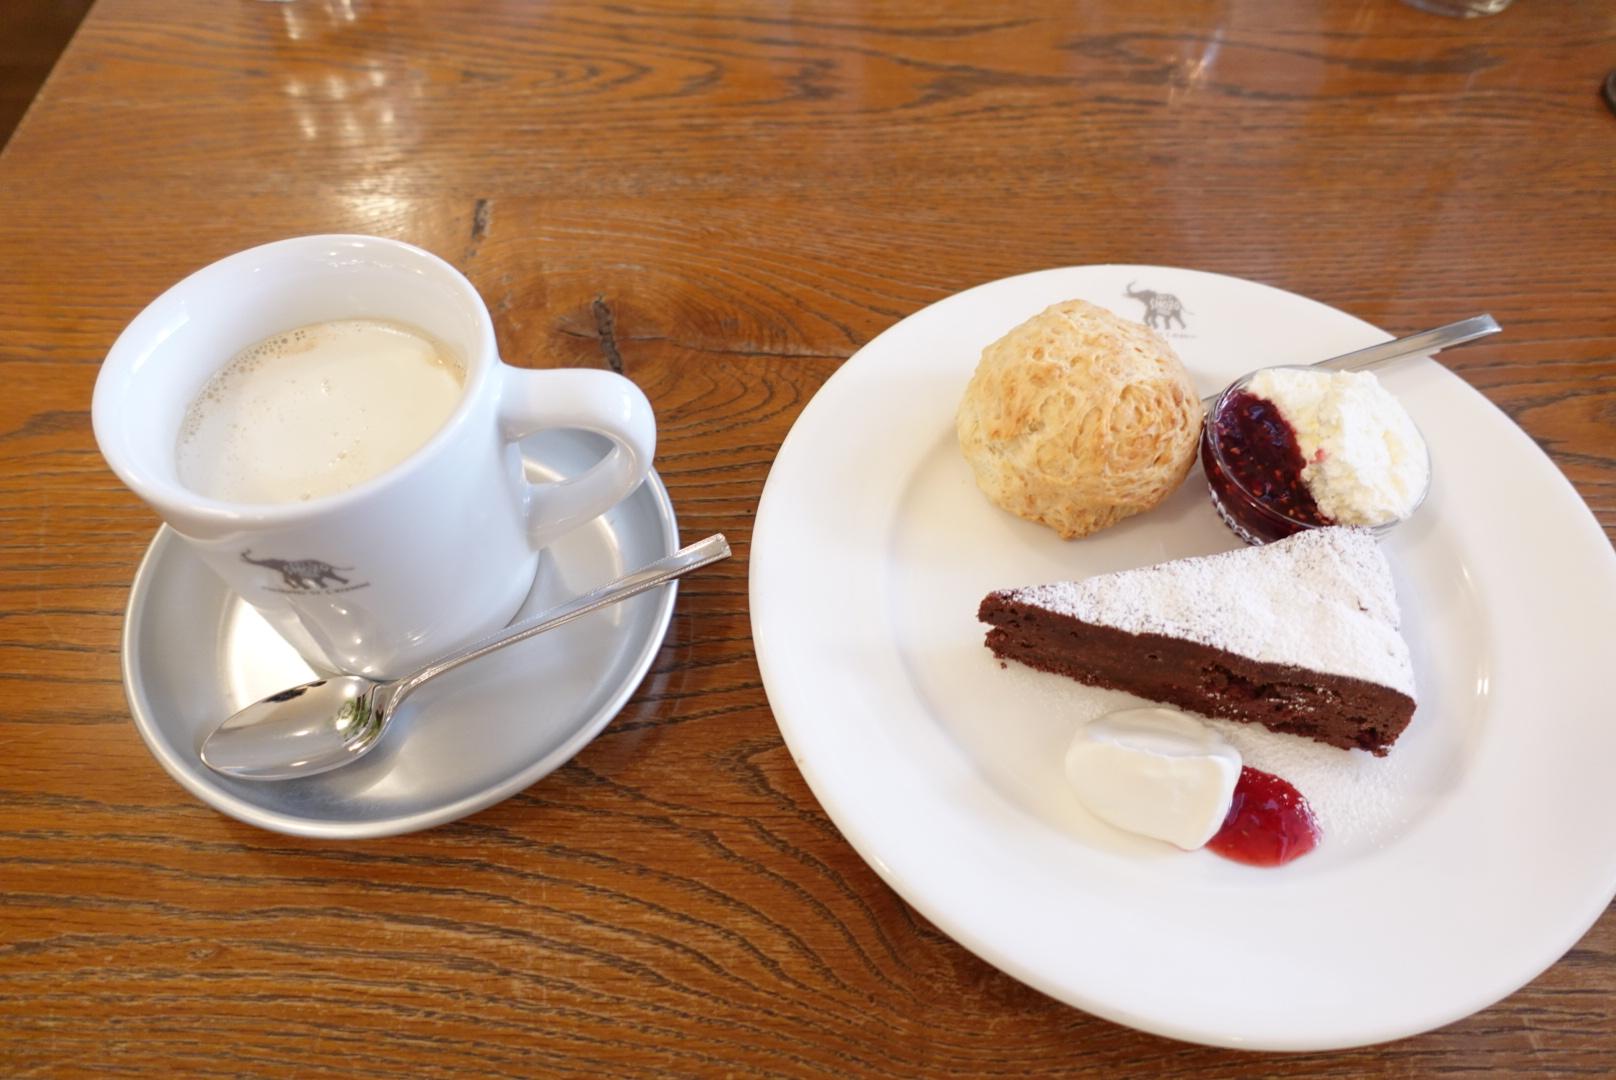 【栃木】那須にある愛犬も連れていける開放感のあるカフェ!「NASU SHOZO CAFE」コーヒーやスコーンが絶品★_3